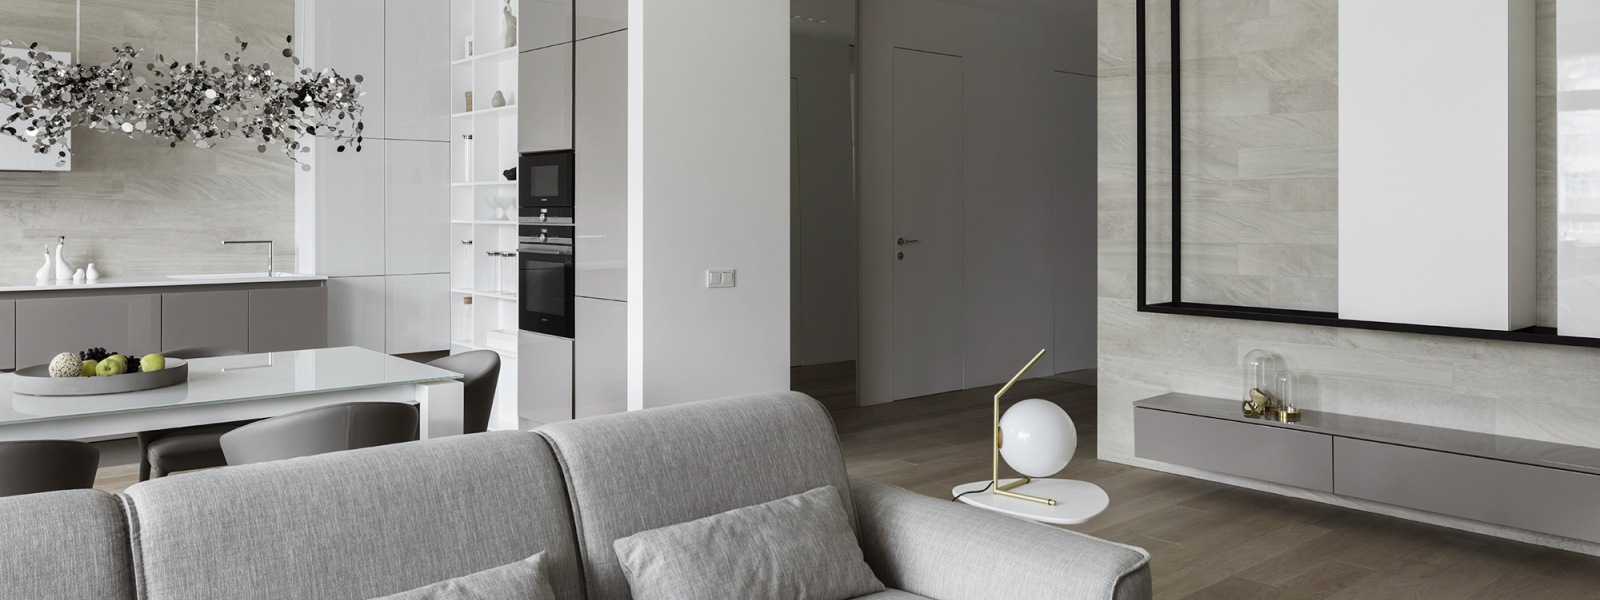 work-Проект квартиры